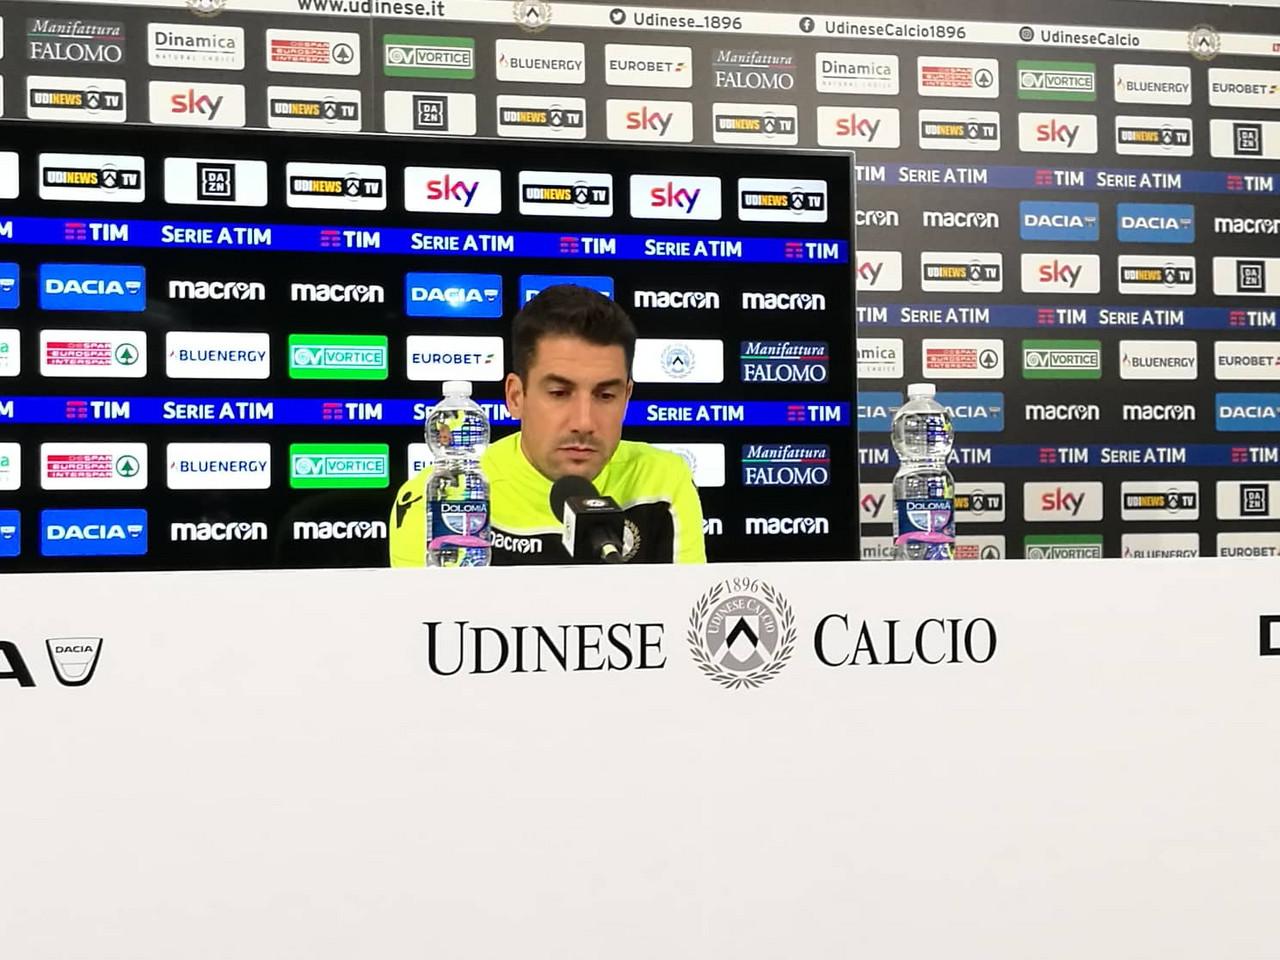 """Udinese - Velazquez: """"Il Napoli quest'anno ha più opzioni, ma saremo pronti"""""""